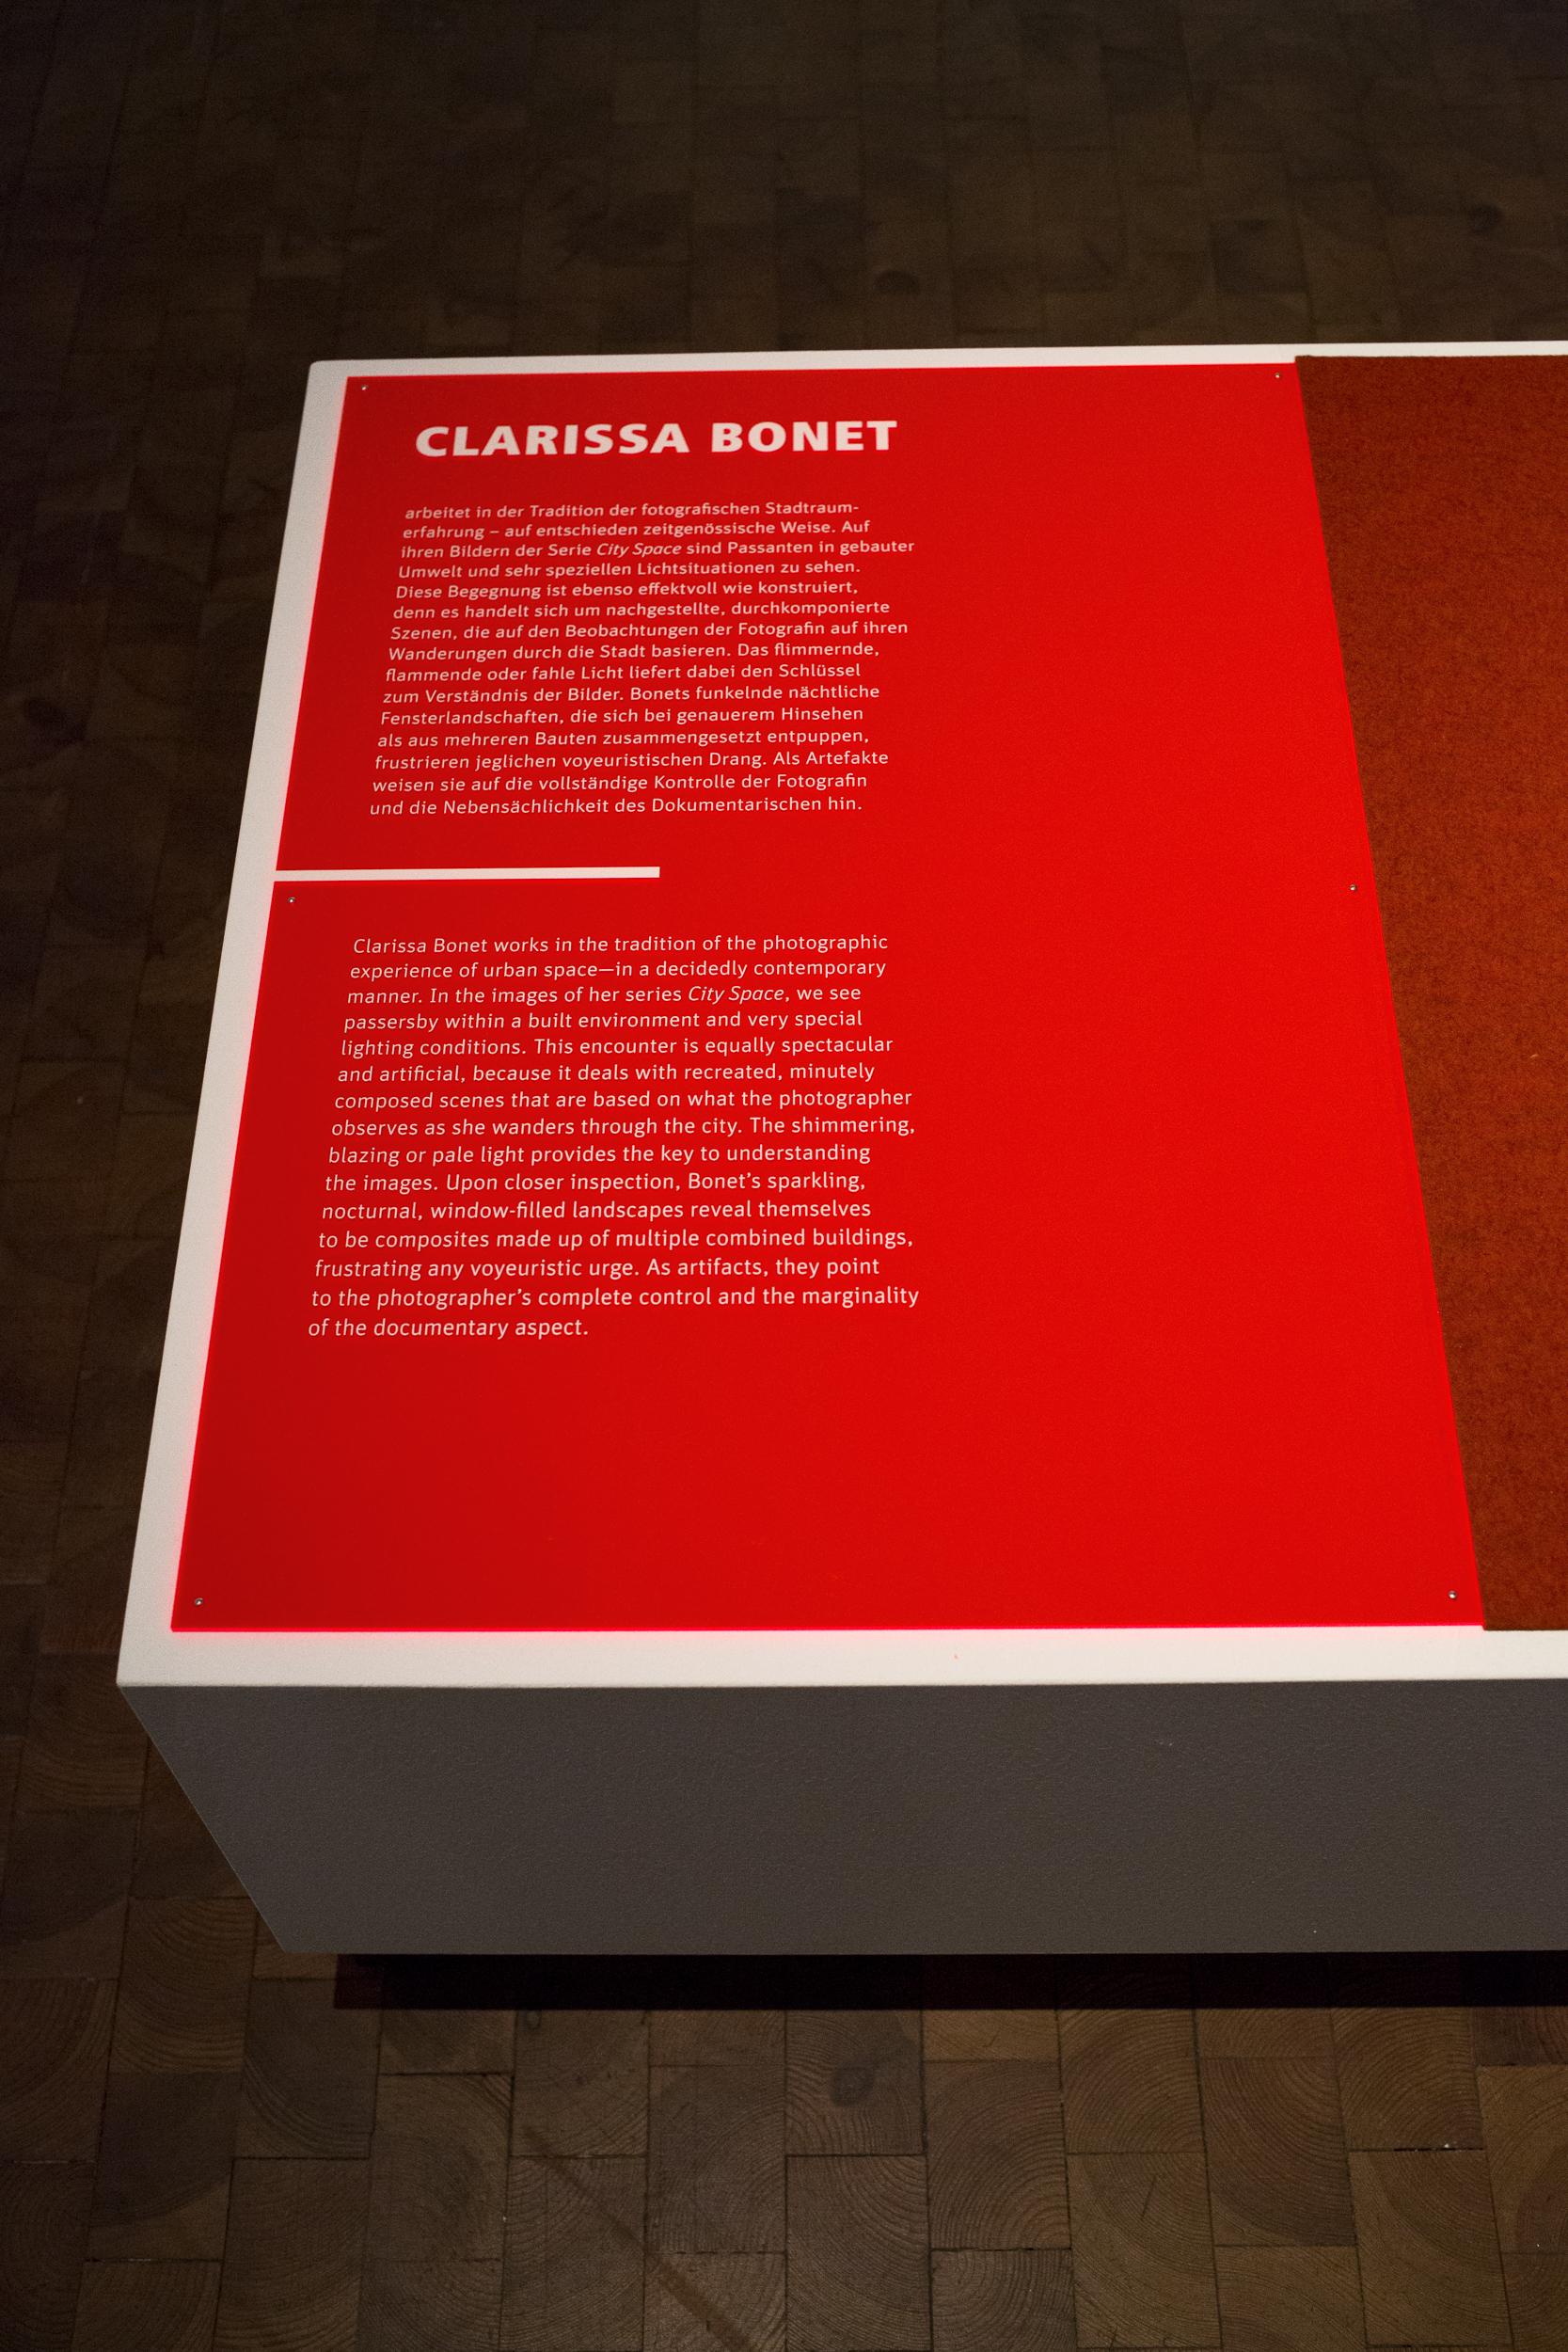 Clarissa_Bonet_Bauhaus_Archive_Berlin_2017_-6.jpg